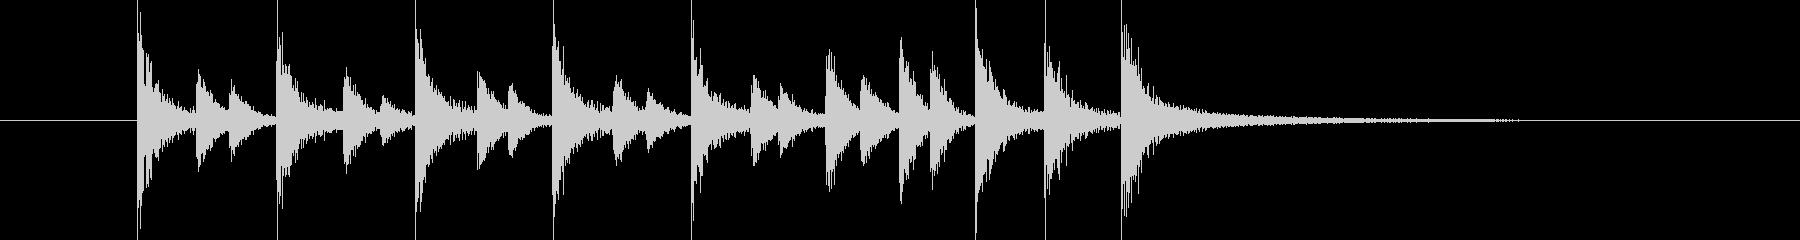 ドラム/ティンバレス フィルイン 1の未再生の波形